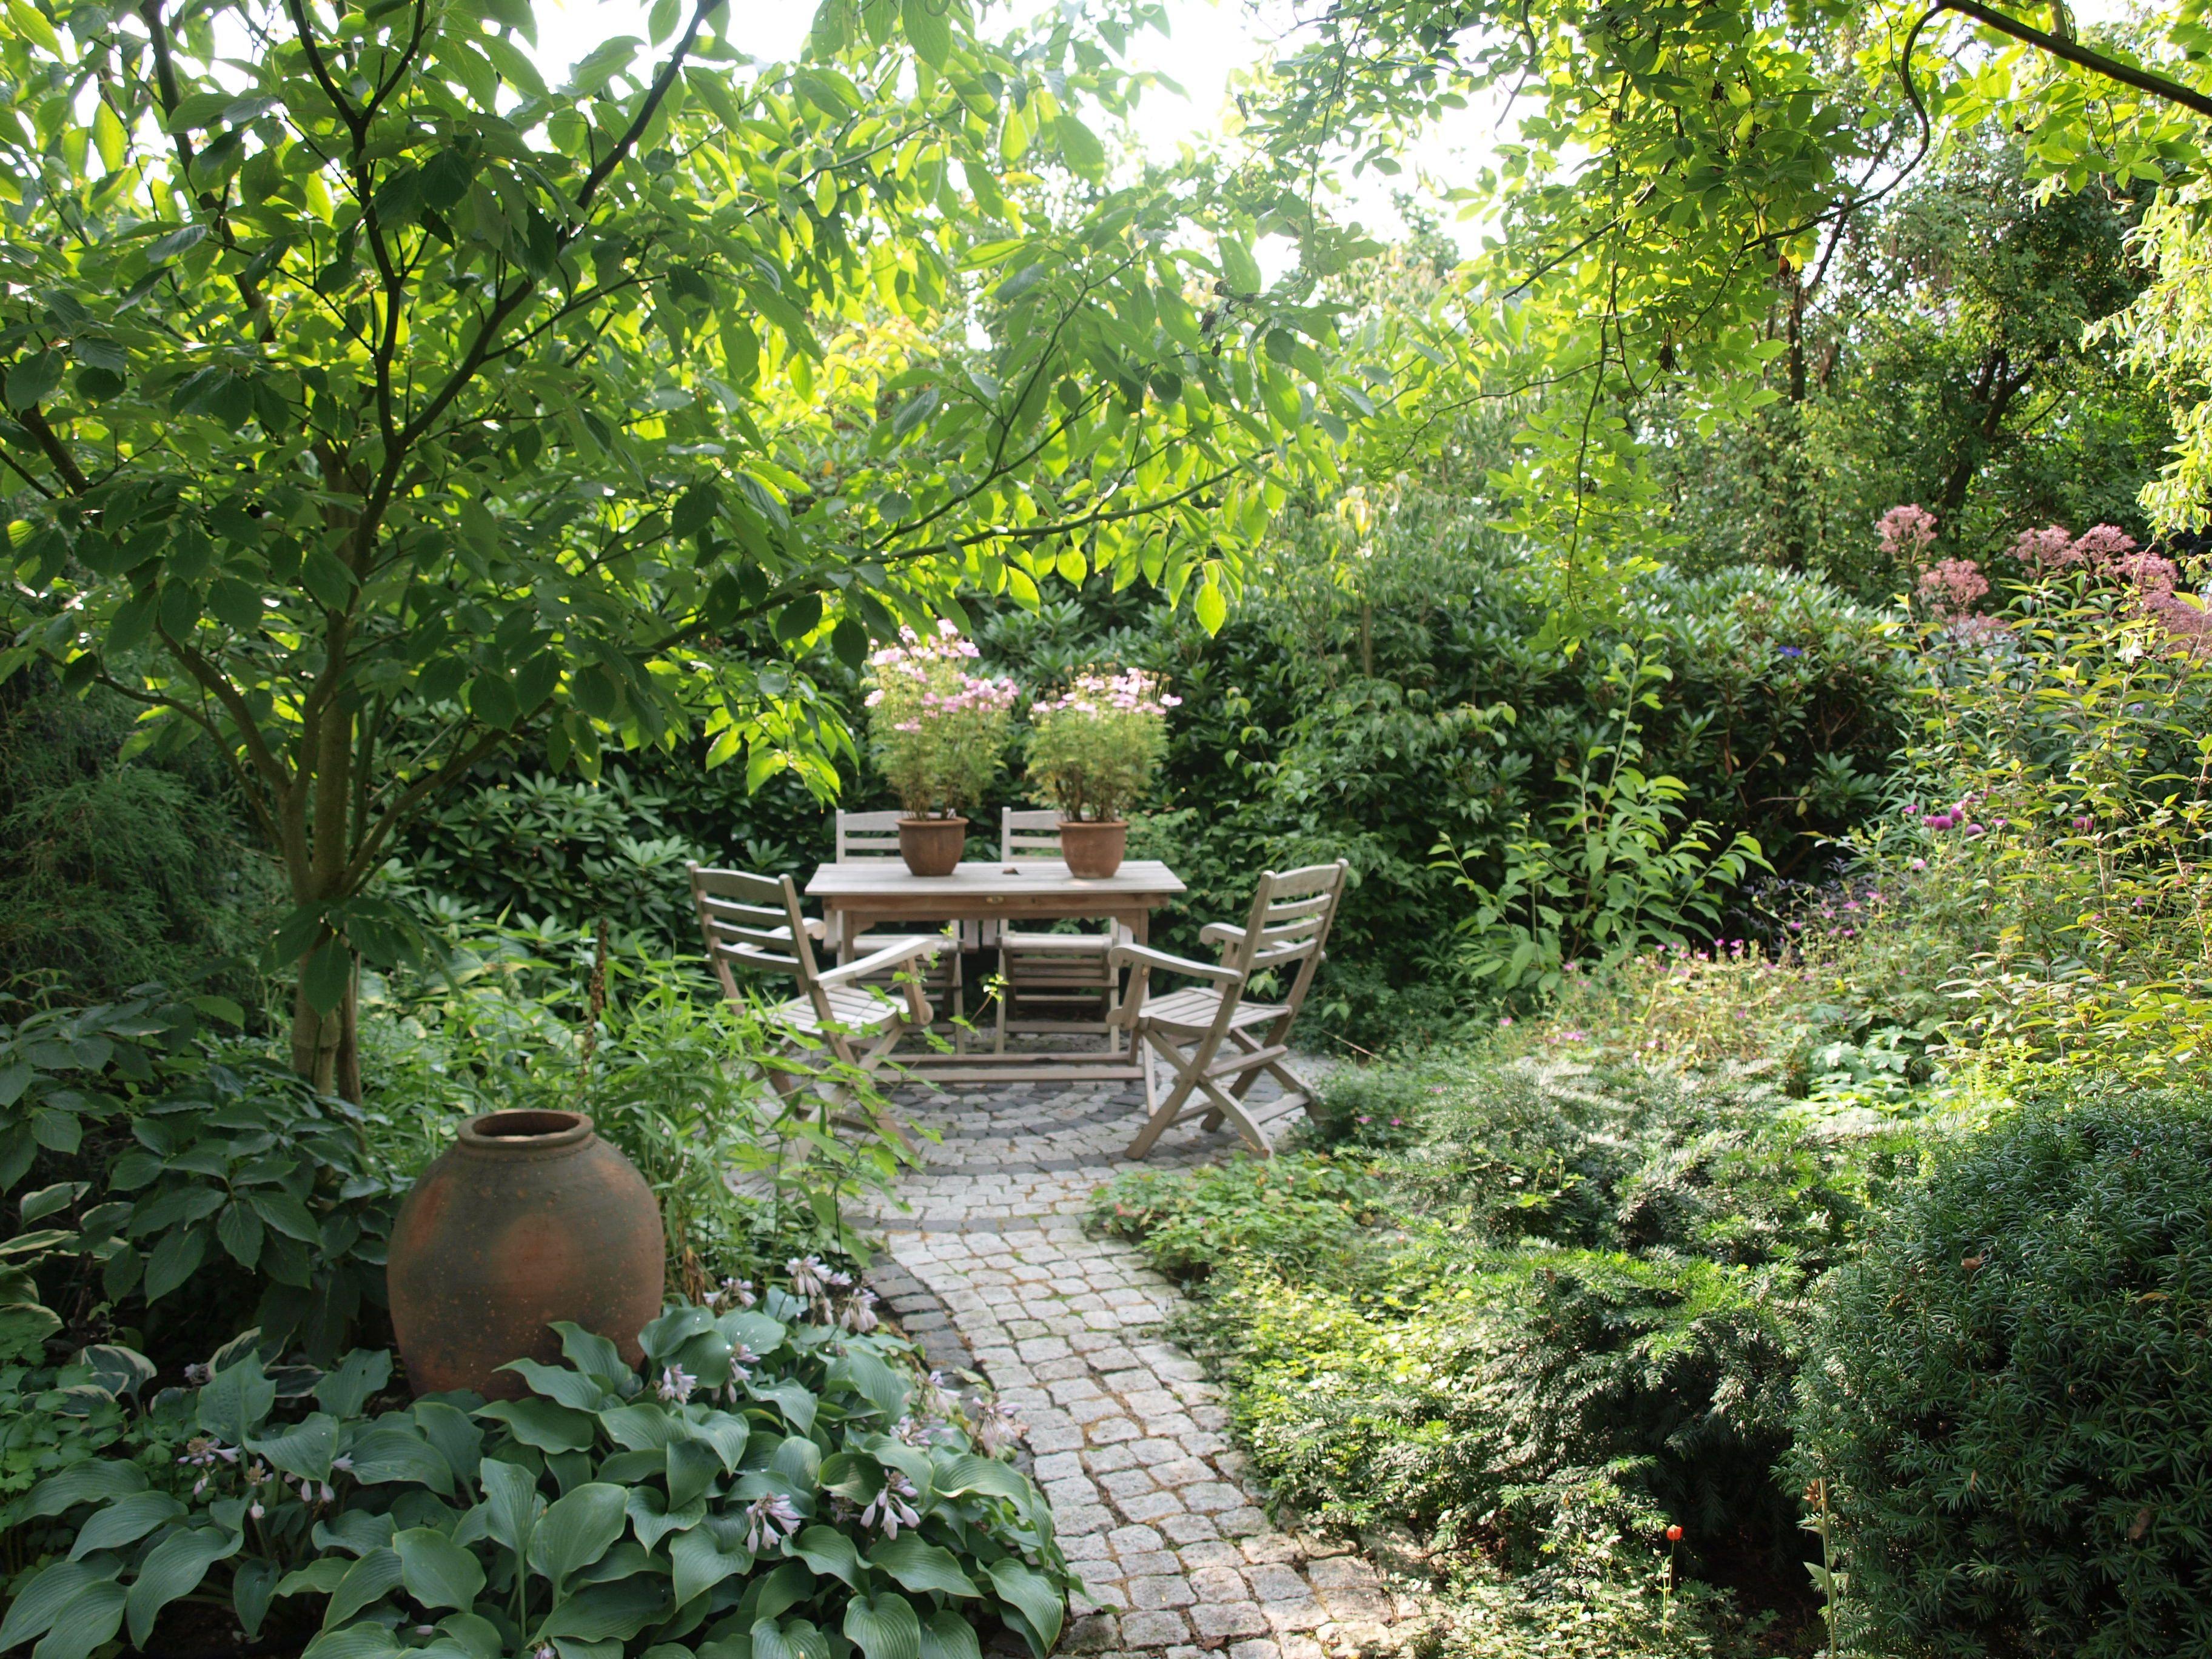 Inspirierend Sitzplatz Garten Sammlung Von Offener Edeltraud Woytas, Motiv